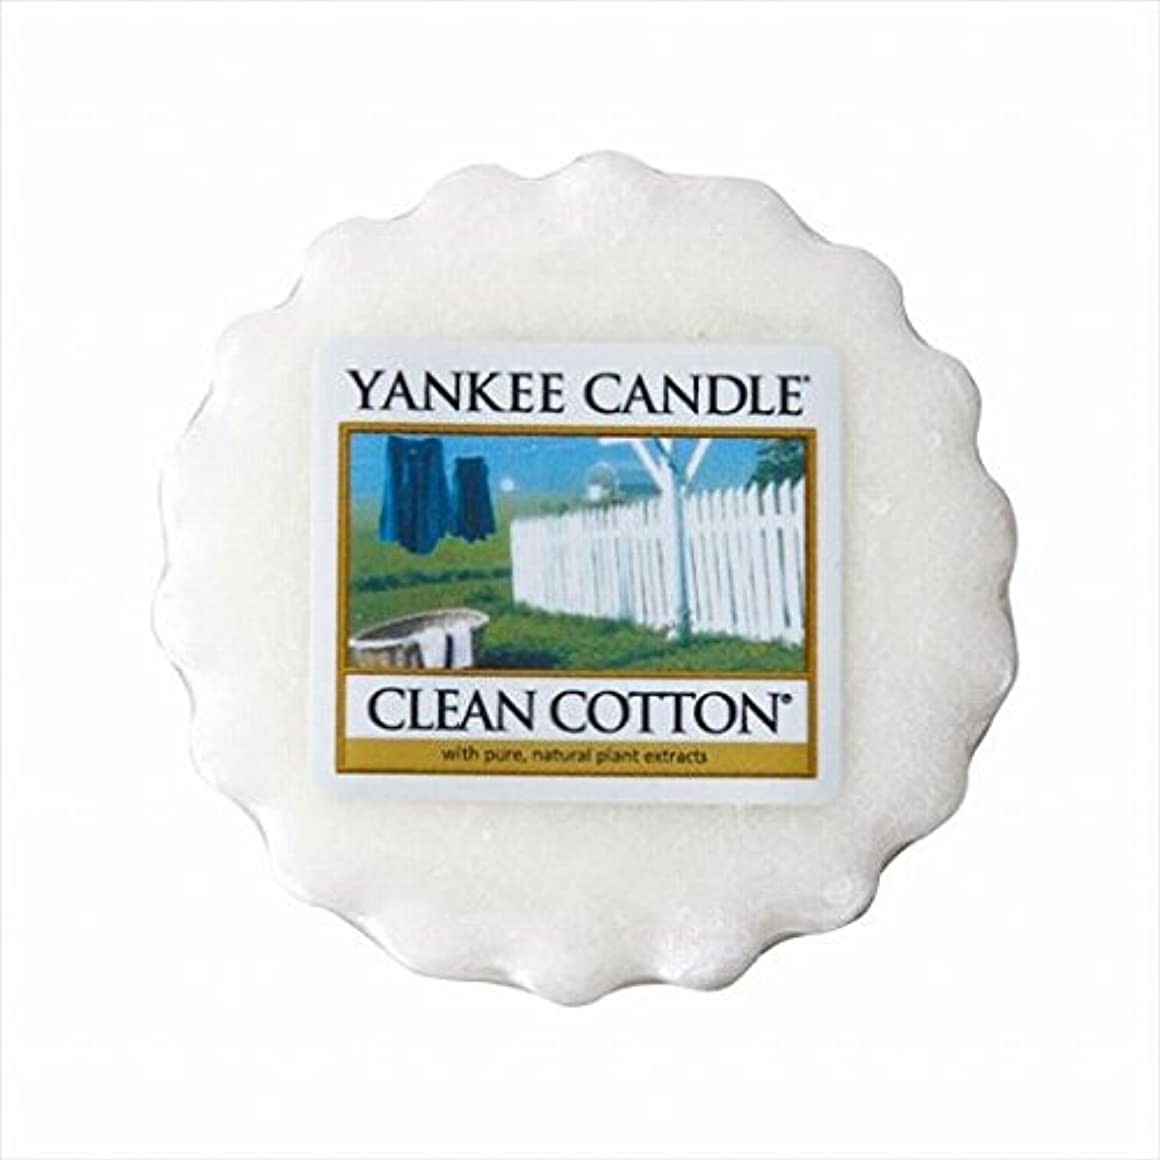 アンプ砂の町カメヤマキャンドル( kameyama candle ) YANKEE CANDLE タルト ワックスポプリ 「 クリーンコットン 」